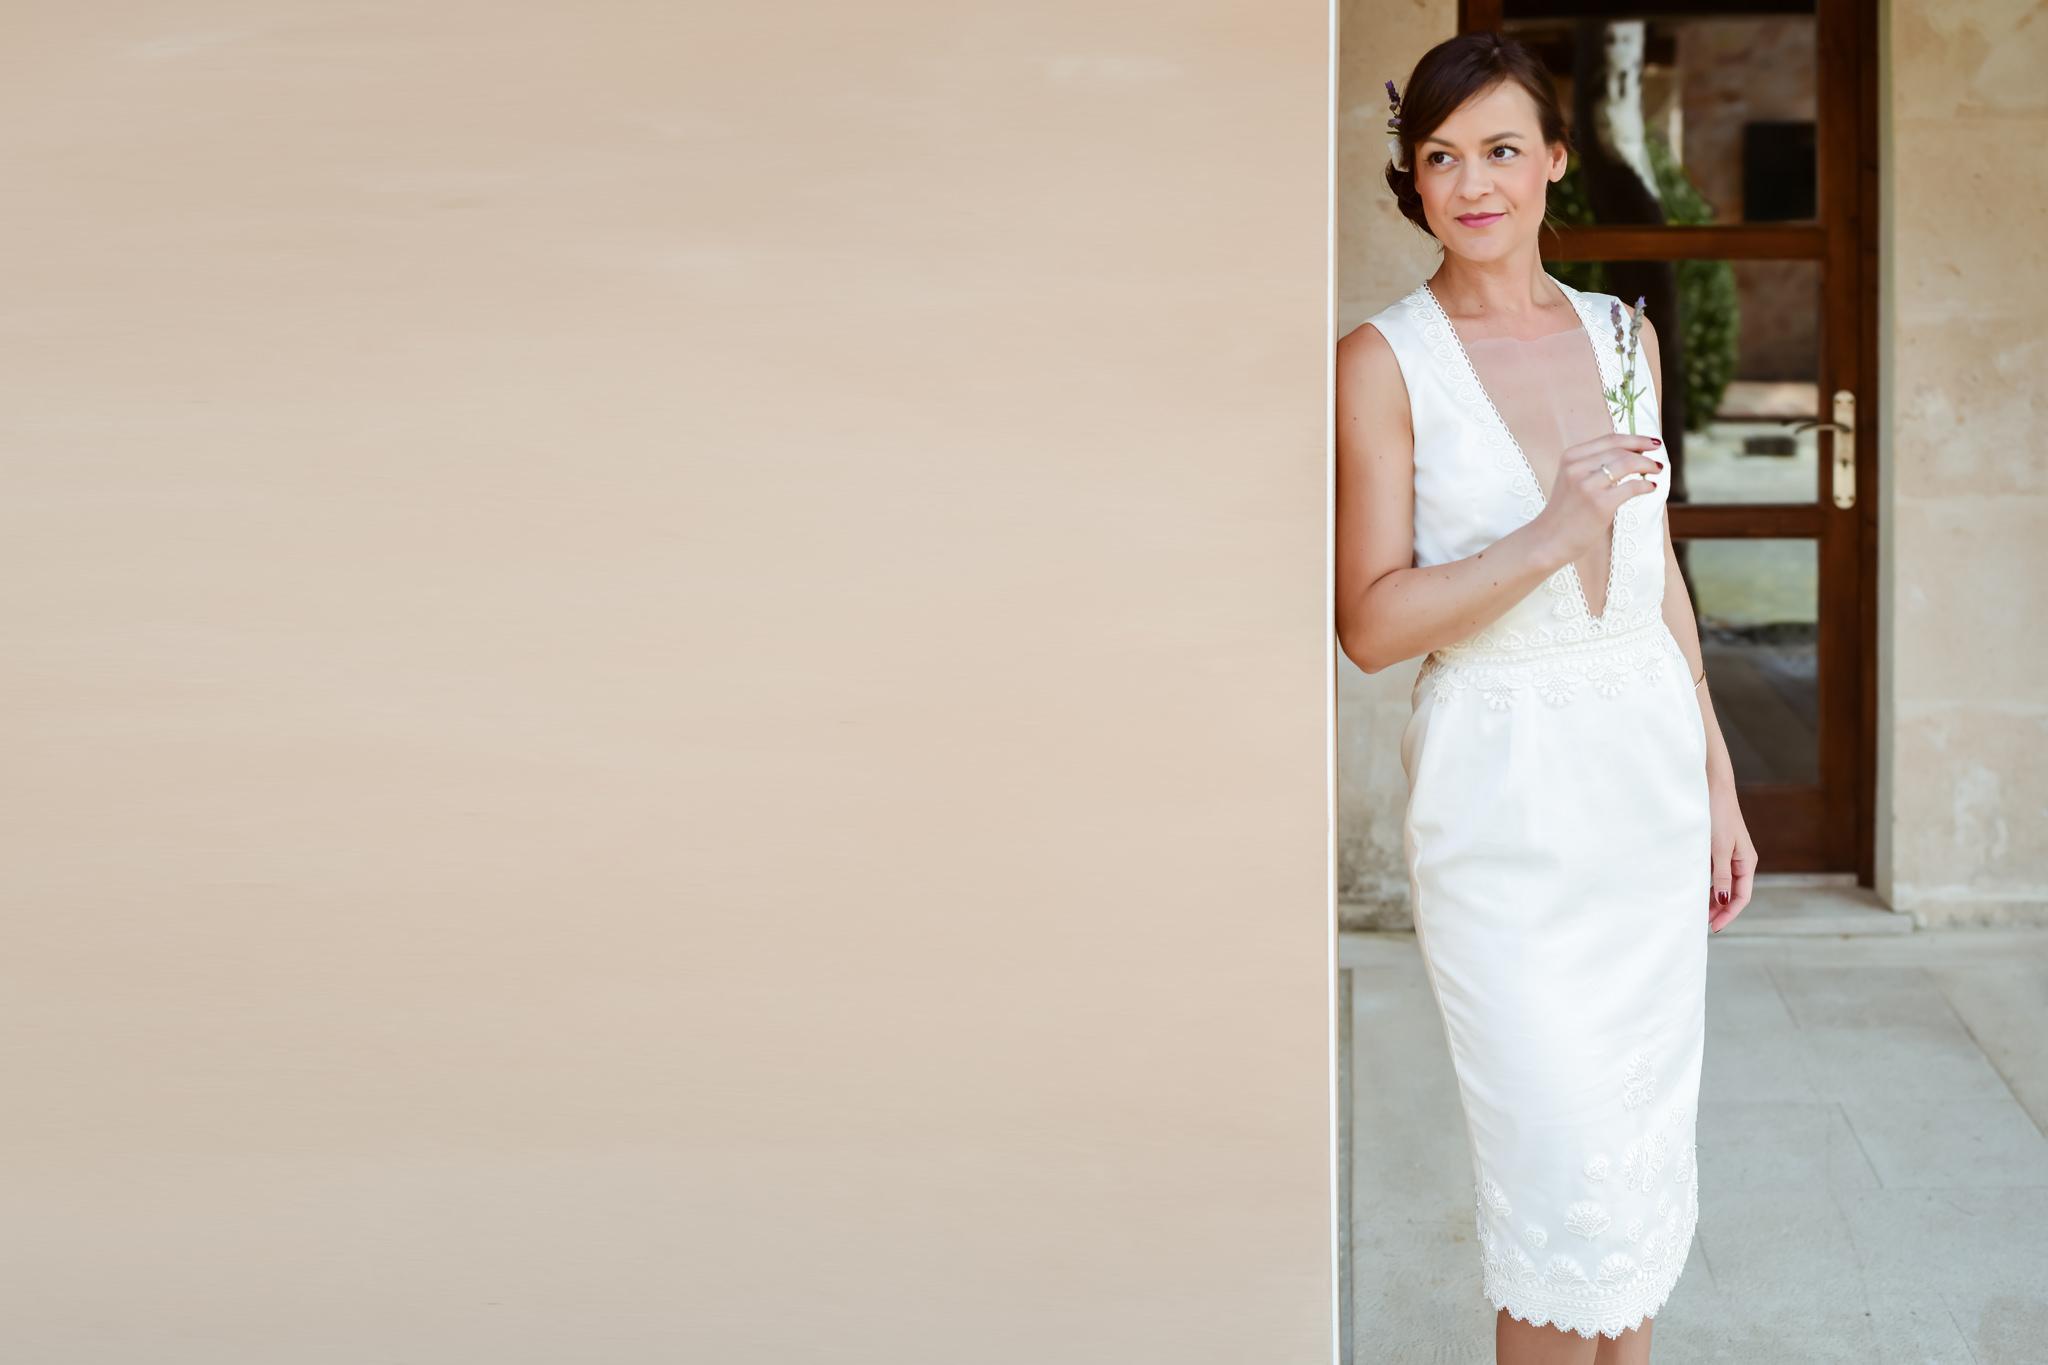 Brautkleider von Laura Dometzky